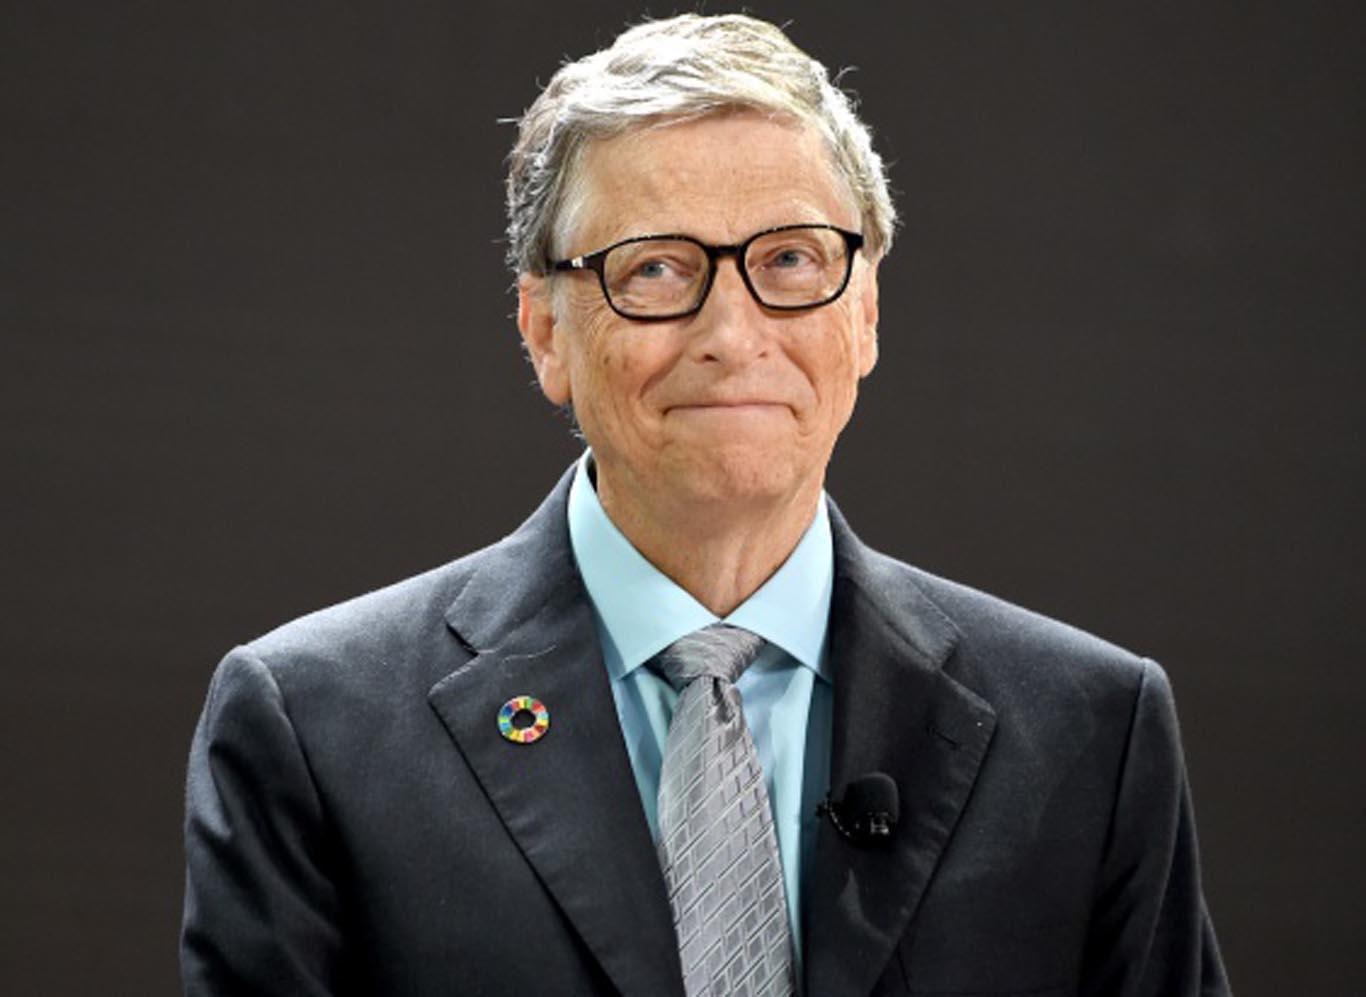 Los 16 emprendedores más famosos hablan sobre el peor consejo que recibieron en su vida